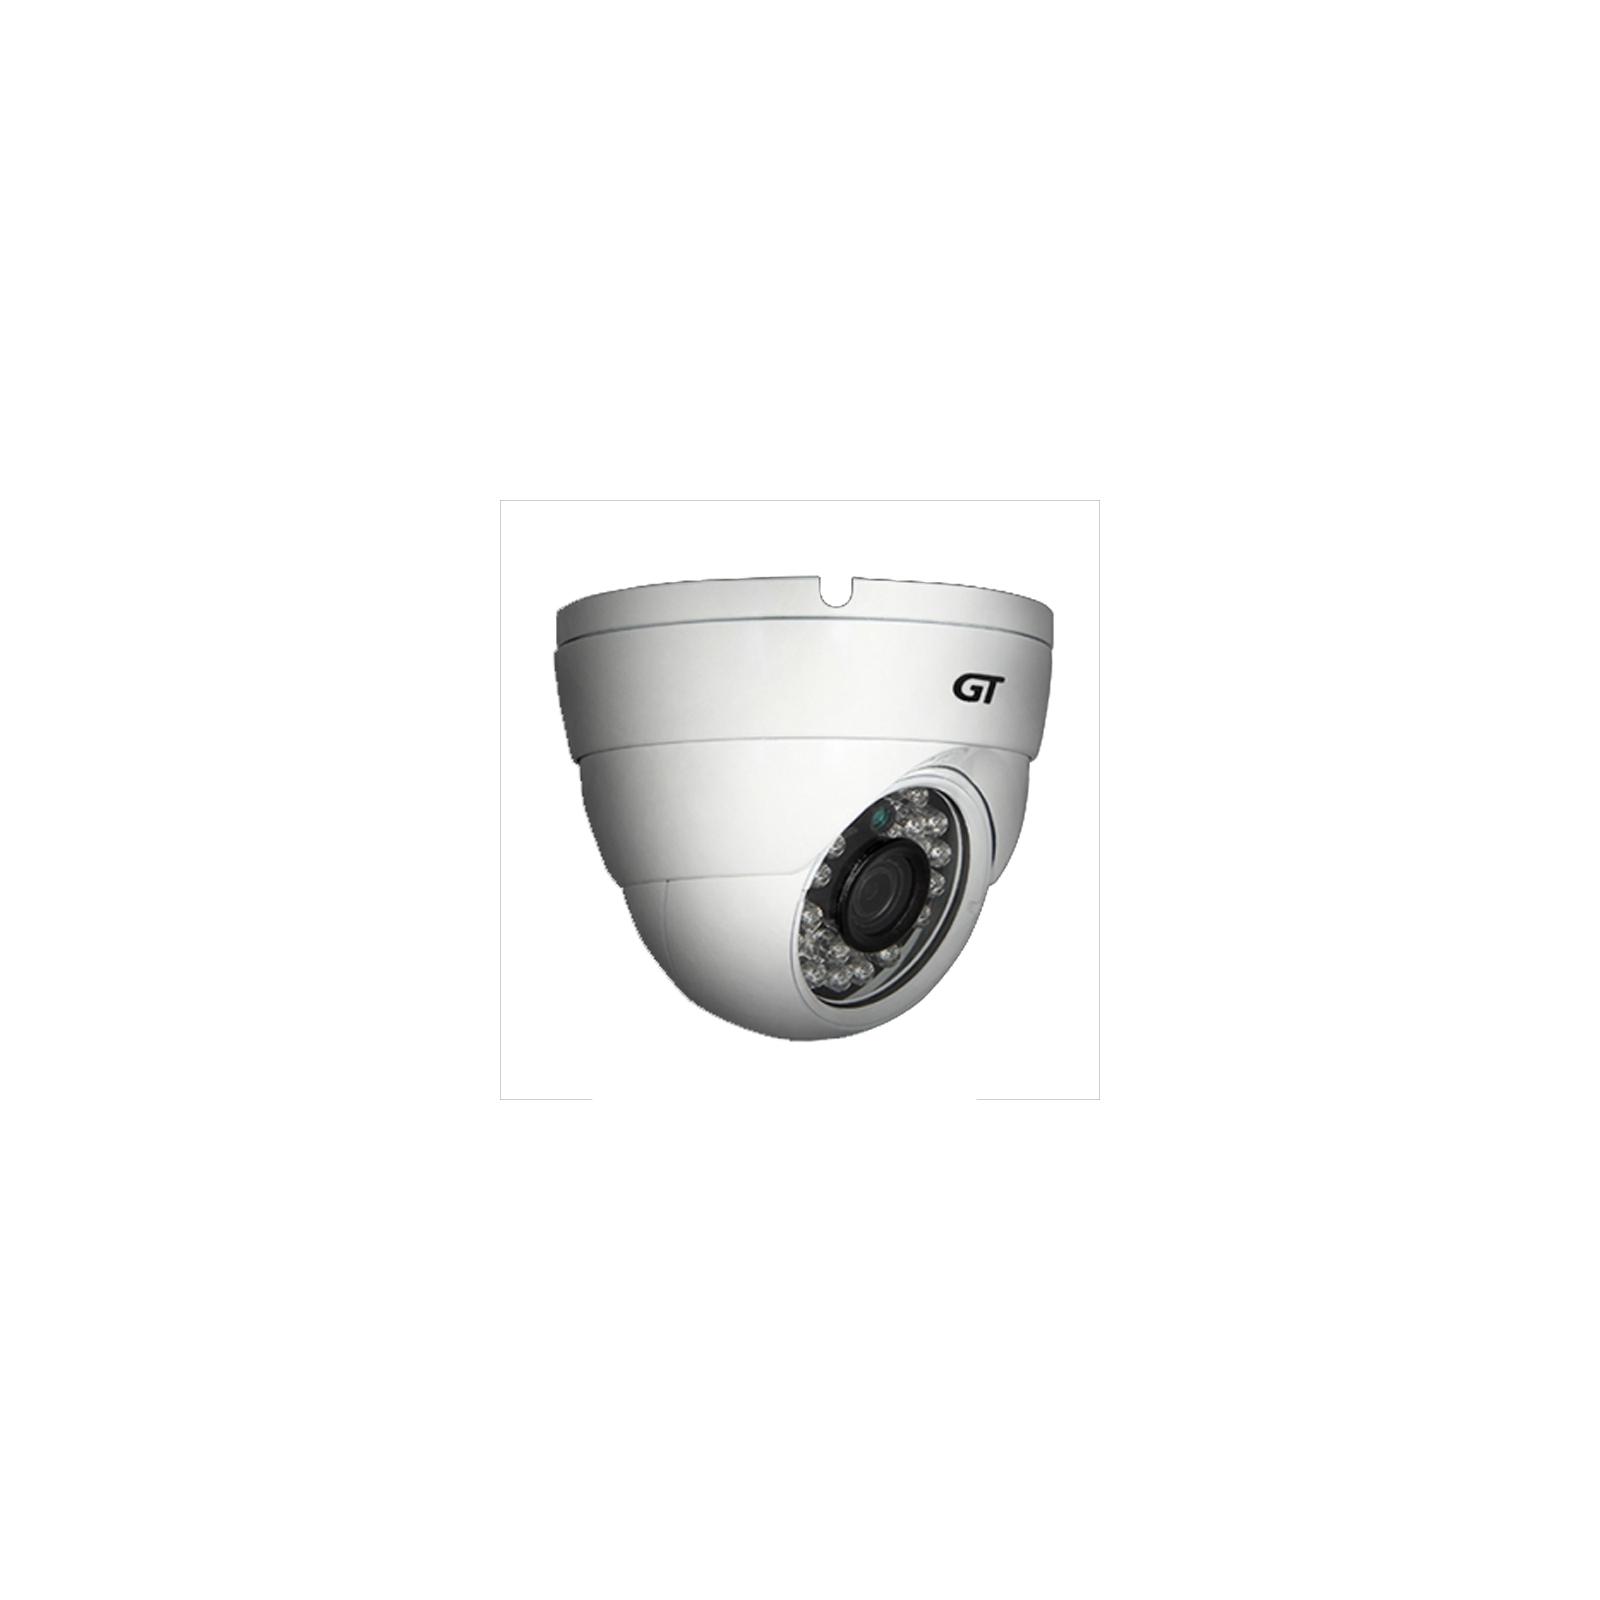 Камера видеонаблюдения GT Electronics AH101-20 изображение 3